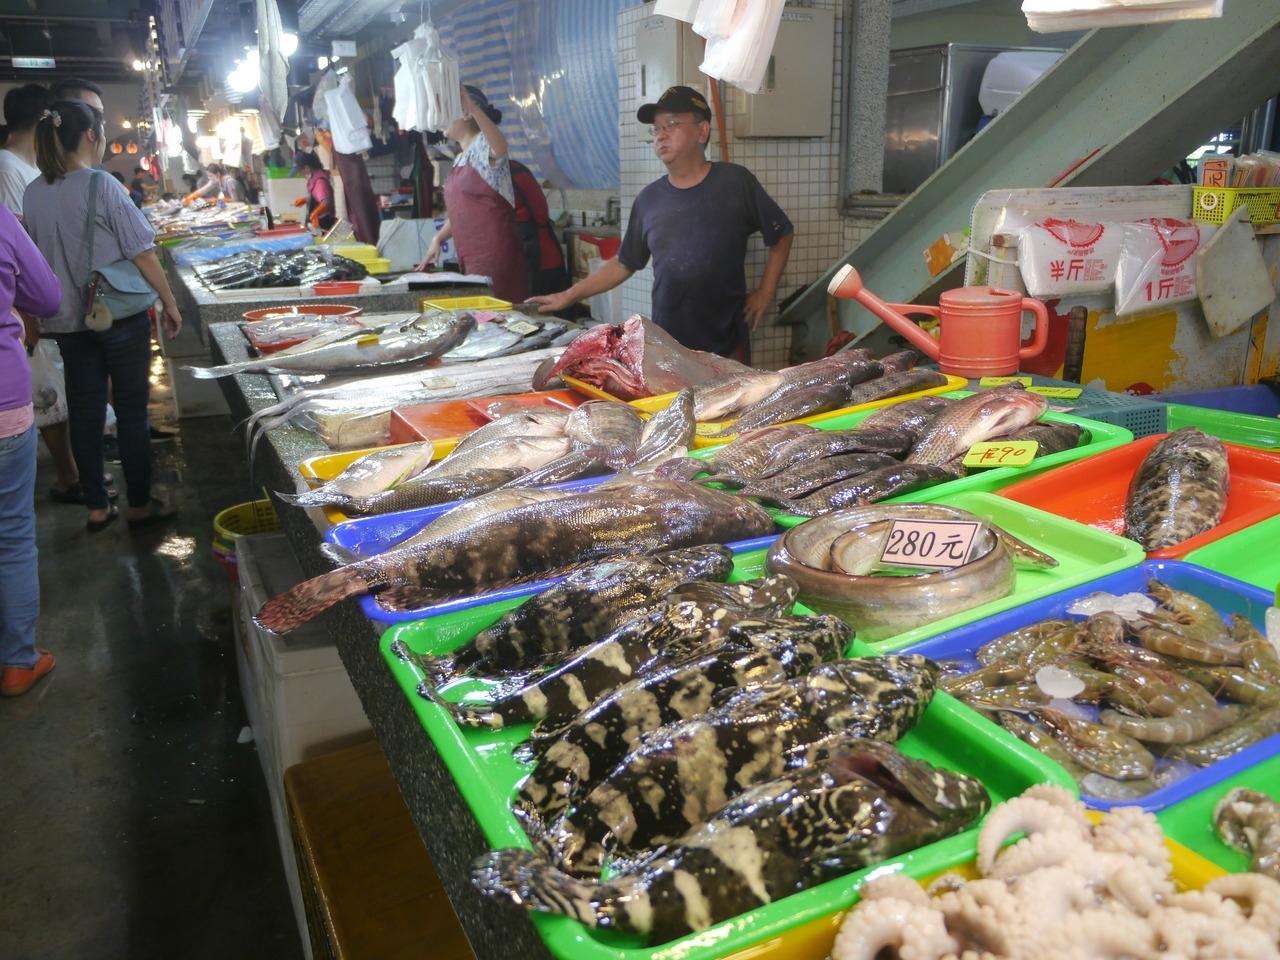 農委會的農遊券抵用商家分成10大類,漁產品包含田媽媽、百大與在地青農、農漁特產品展售中心、魚貨直銷中心或觀光魚市業者。記者徐白櫻/攝影